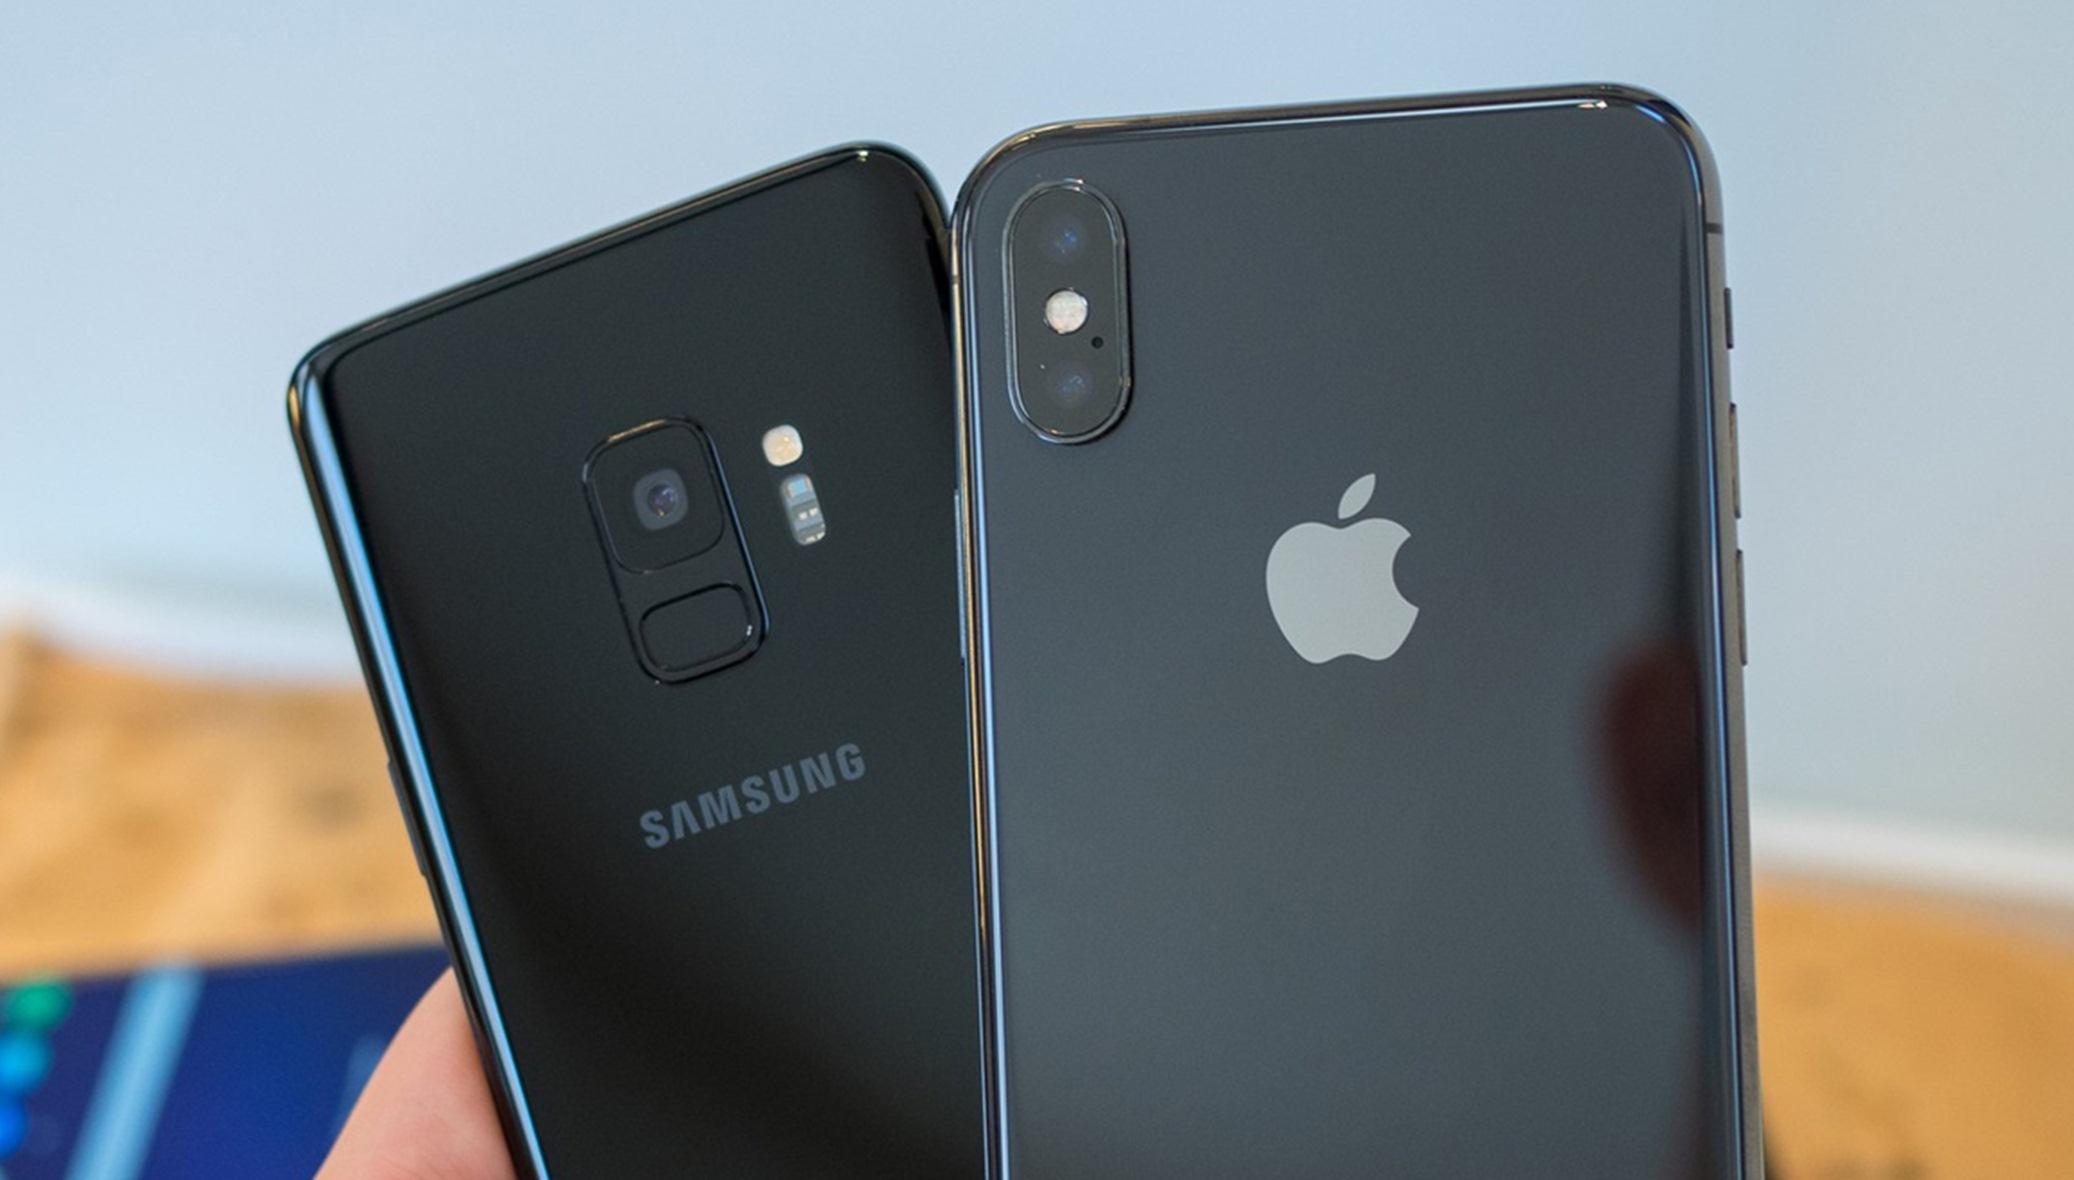 Samsung Mengalami Kerugian Besar Akibat Penjualan iPhone Menurun 3